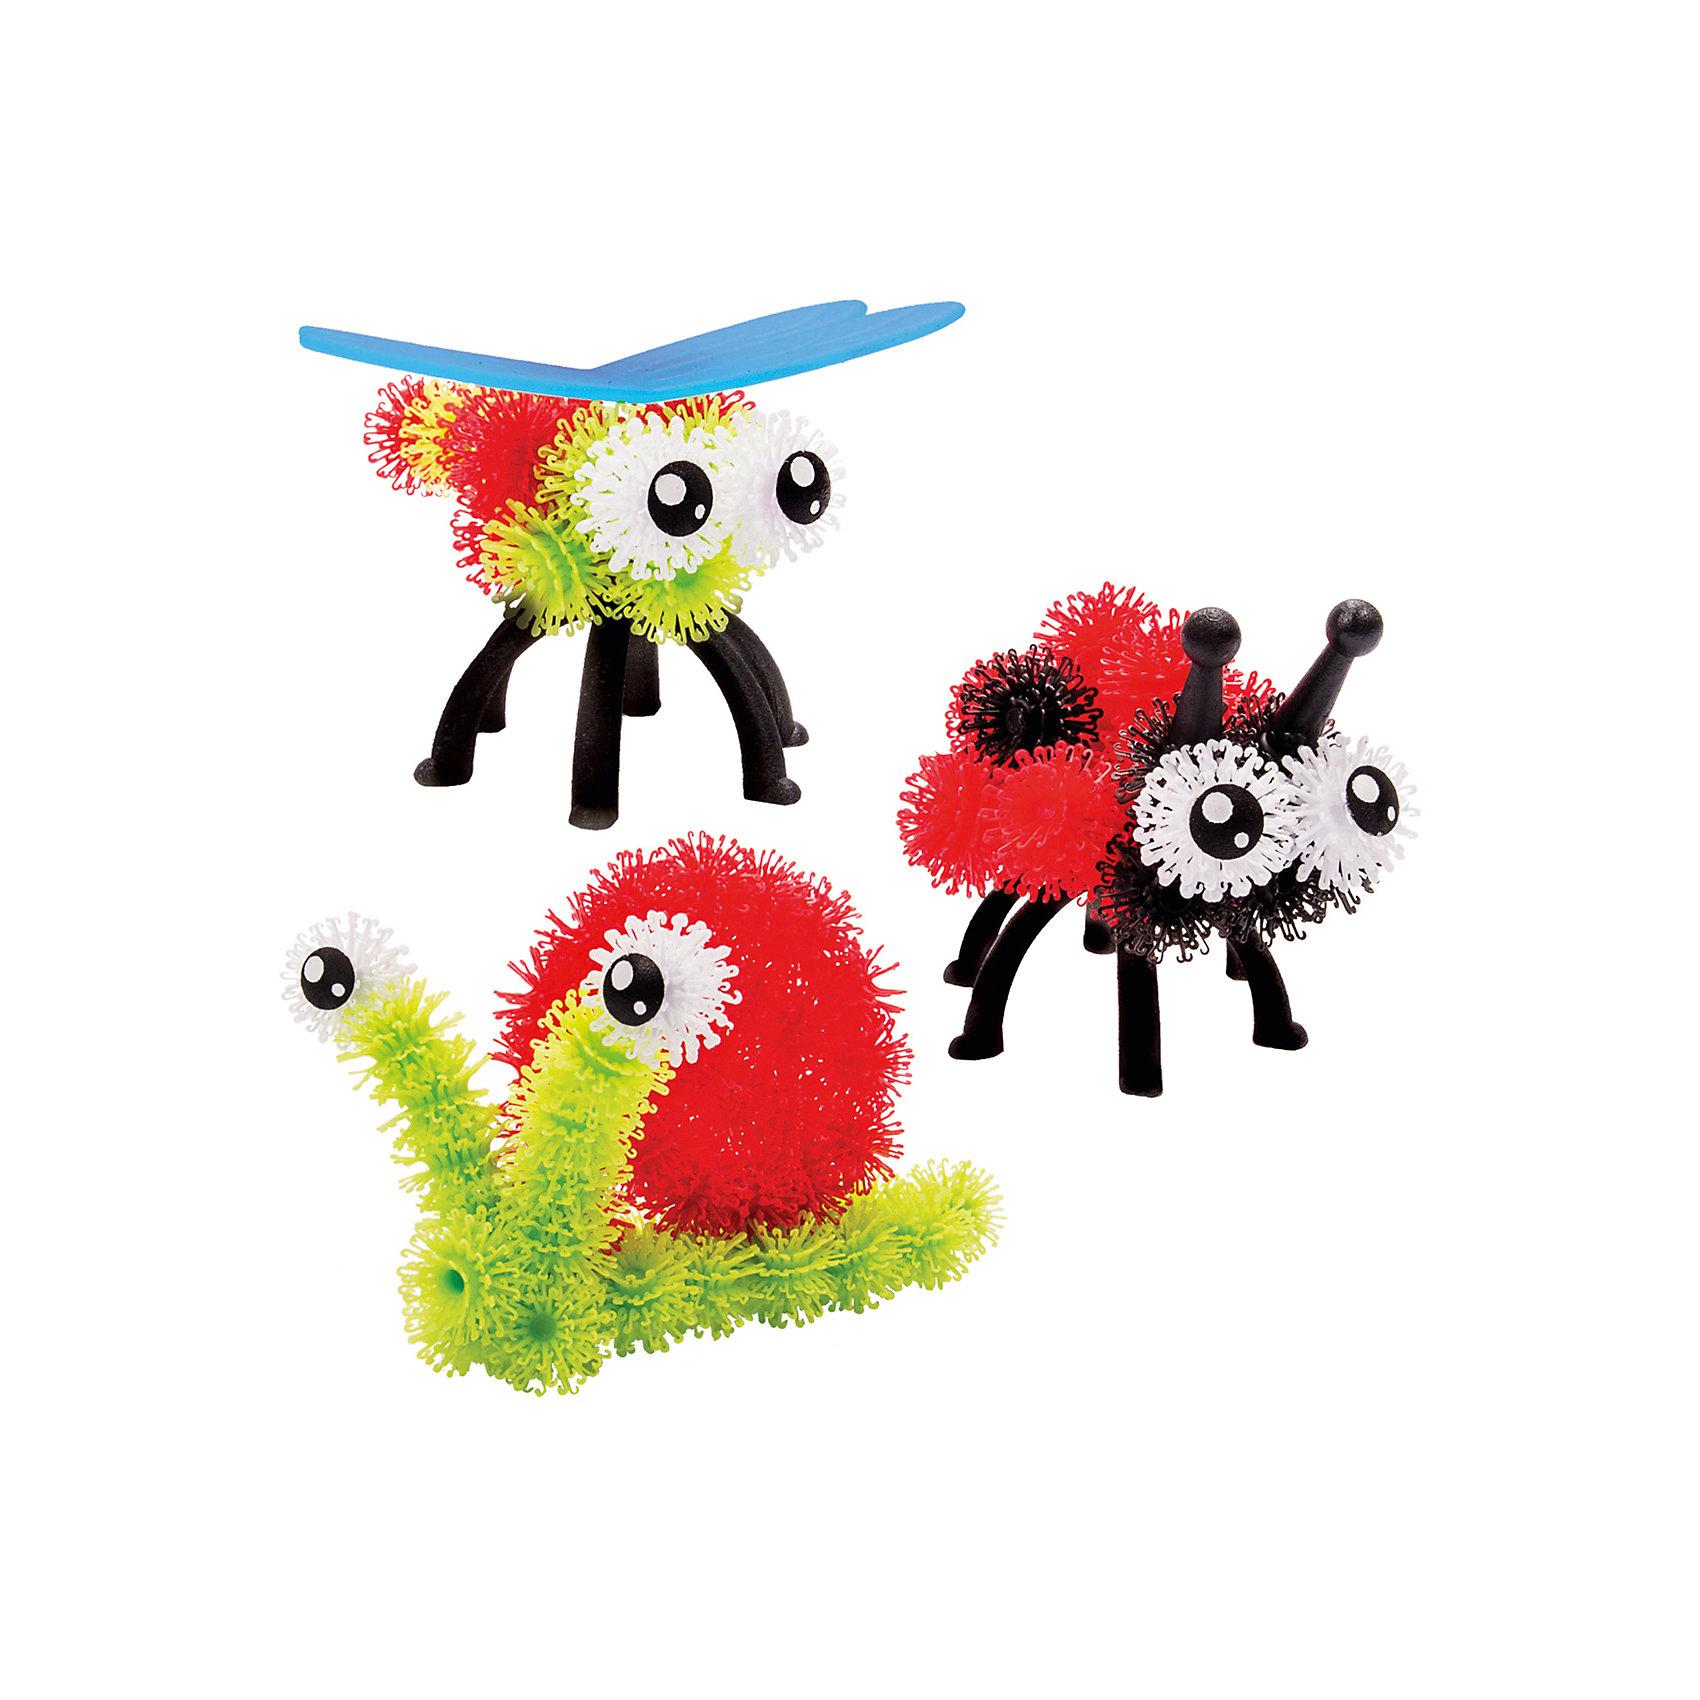 Базовый набор для творчества Bunchems,  в ассортиментеВаше представление о конструкторах измениться, когда Вы увидите базовый набор  Bunchems (Банчемс)  торговой марки Spin Master.  Цветные шарики-липучки в руках Вашего ребенка превращаются в пушистого котенка или щенка, а может быть хомячка? Кого Вы и Ваш ребенок хотели  бы завести? Липучки Bunchems (Банчемс) дарят детям и их родителям возможность создать кого угодно! Эти мягкие пластмассовые шарики с волосками, как у репейника, которые легко сцепляются друг с другом. Для лучшего сцепления необходимо как можно плотнее прижимать детали. Получившиеся модели не разваливаются, с ними можно играть дома, на улице, в ванной – где угодно! А в случае загрязнения конструктор легко отмывается теплой водой. С необычным конструктором, больше похожим на репейник, Ваш малыш проявит живость своей фантазии, создавая милых домашних питомцев, которые так похожи на настоящих! Работа с небольшими элементами способствует развитию мелкой моторики и координации движений рук. Приятные на ощупь шарики с волосками стимулирую нервные окончания на кончиках пальцев малыша, развивая тактильную чувствительность. Однако необходимо быть аккуратными во время игры! Не подносить Bunchems к волосам, домашним животным и тканям с ворсом – изделие может запутаться. В инструкциях приведены рекомендации, как безопасно извлечь липучки из волос в случае необходимости.<br><br>Дополнительная информация: <br><br>- возраст: от 4 лет<br>- для мальчиков и девочек<br>- элементы Bunchems – 60 шт.<br>- аксессуары для создания животных – 11 шт.<br>- брошюра с инструкцией и рекомендациями по использованию<br>- в наборе элементы белого и черного цветов, а также пластиковые лапы (4 шт.), ушки двух видов (4 шт.), глазки (2 пары) и нос.<br>- материал: мягкий пластик.<br>- страна обладатель бренда: Канада.<br><br>Базовый набор для творчества Bunchems можно купить в нашем интернет-магазине.<br><br>Ширина мм: 17<br>Глубина мм: 292<br>Высота мм: 246<br>Вес г: 500<br>Возраст от 